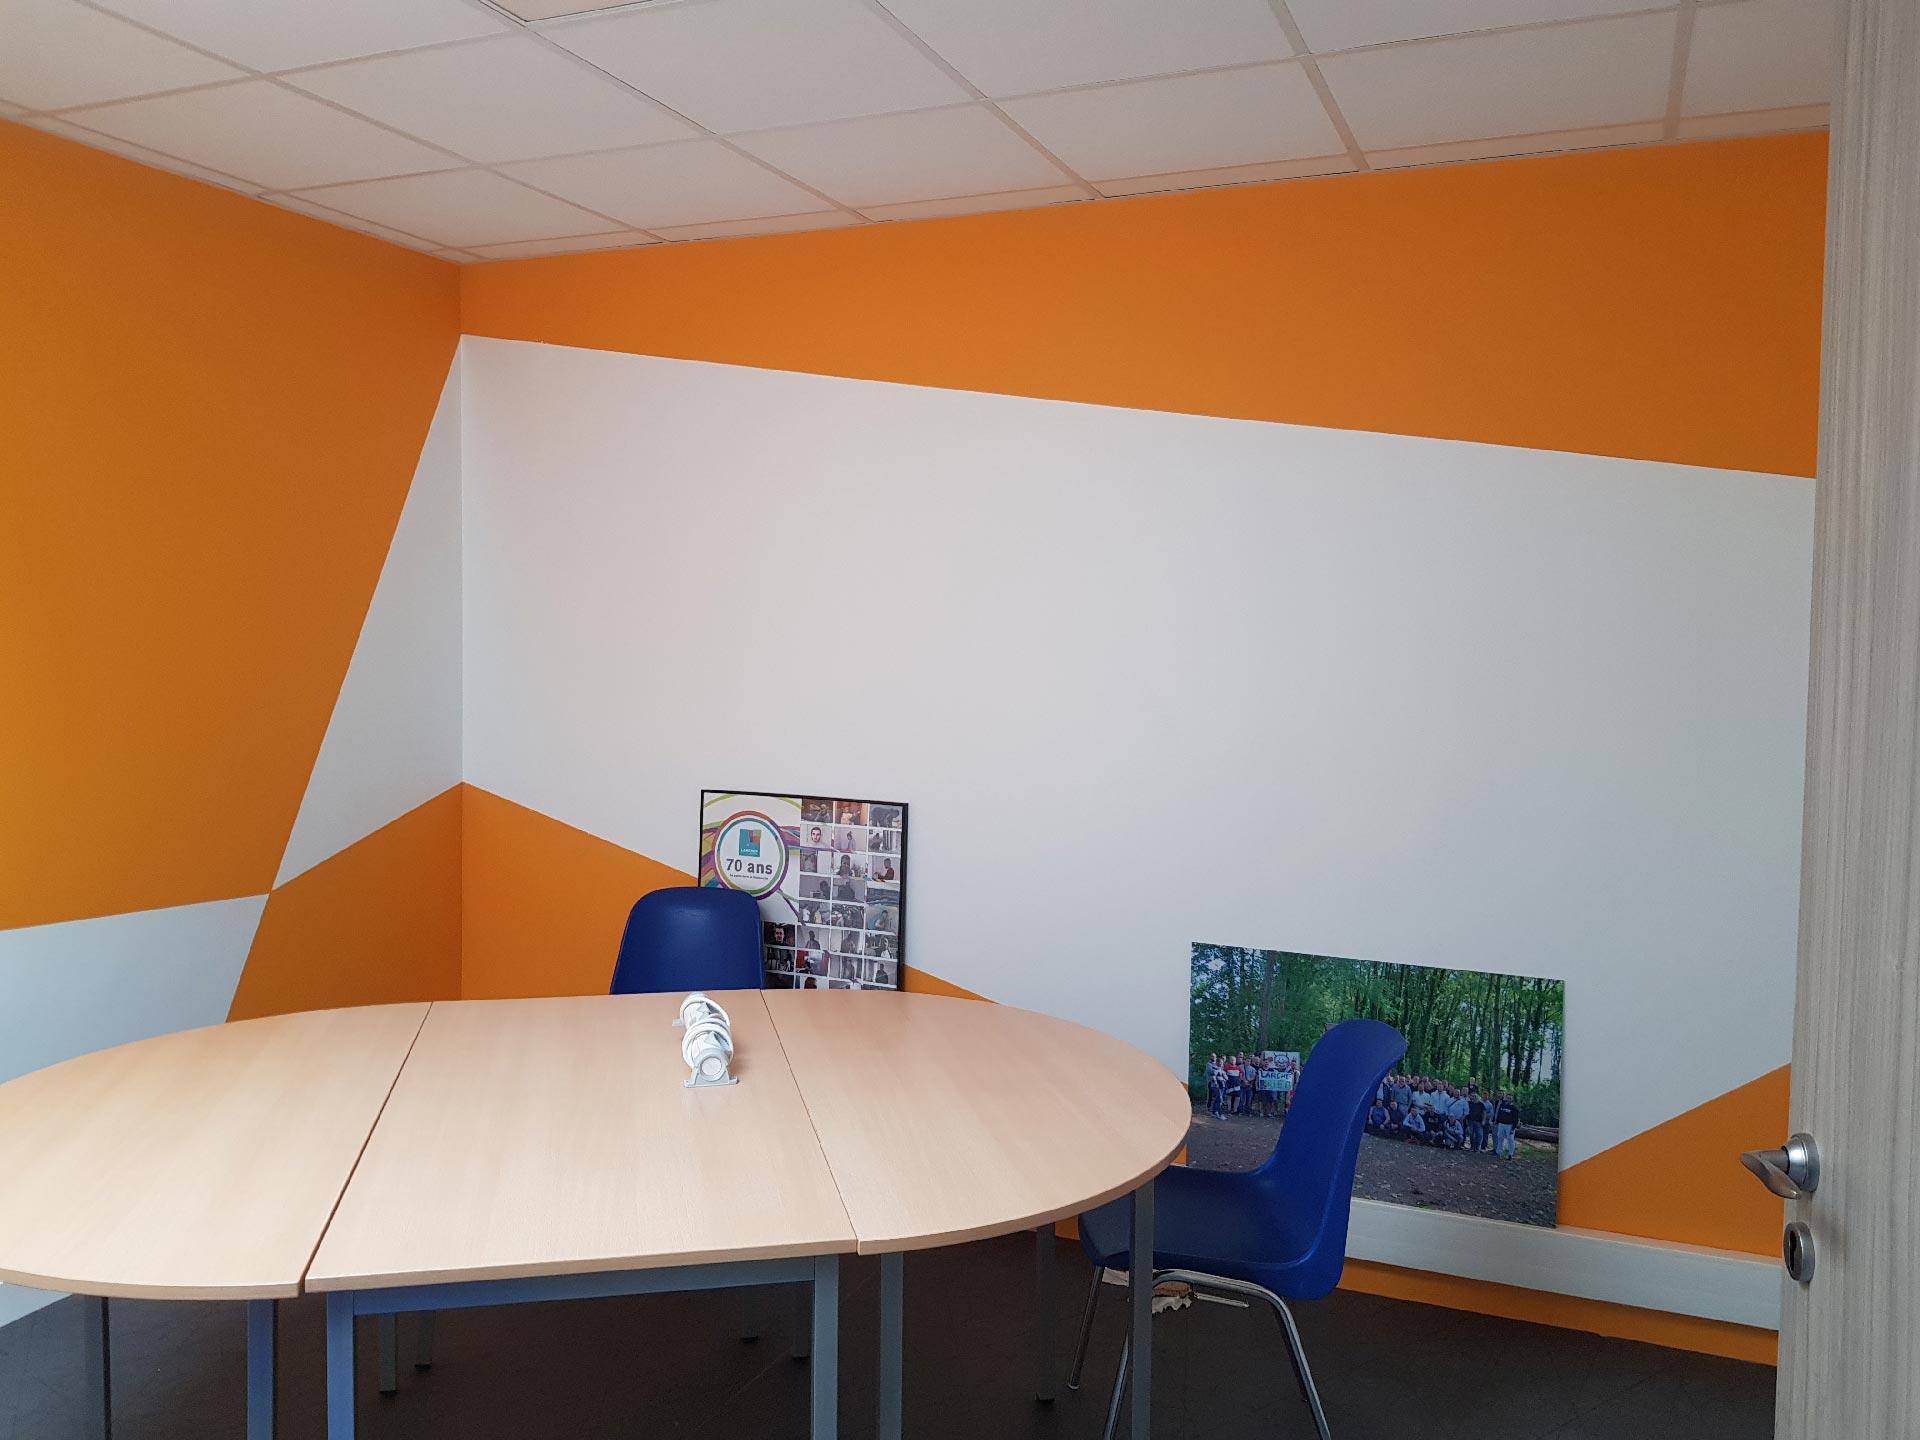 Larcher_photographie_bureaux_design_extension_chantier_fini-(8)